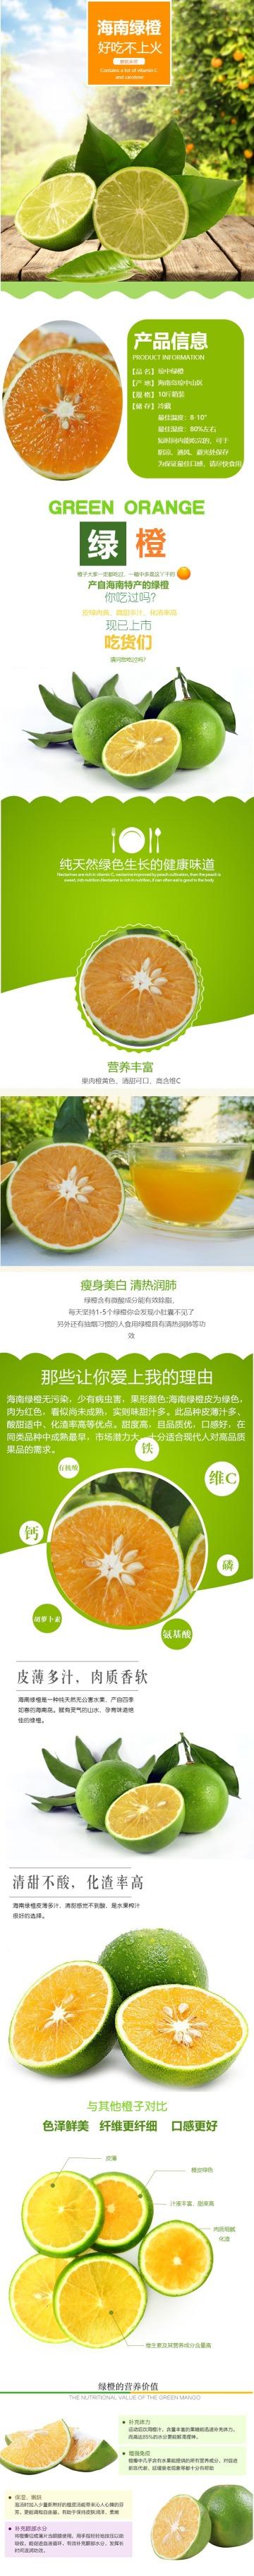 清新简约百货零售生鲜水果海南绿橙橙子促销电商详情页